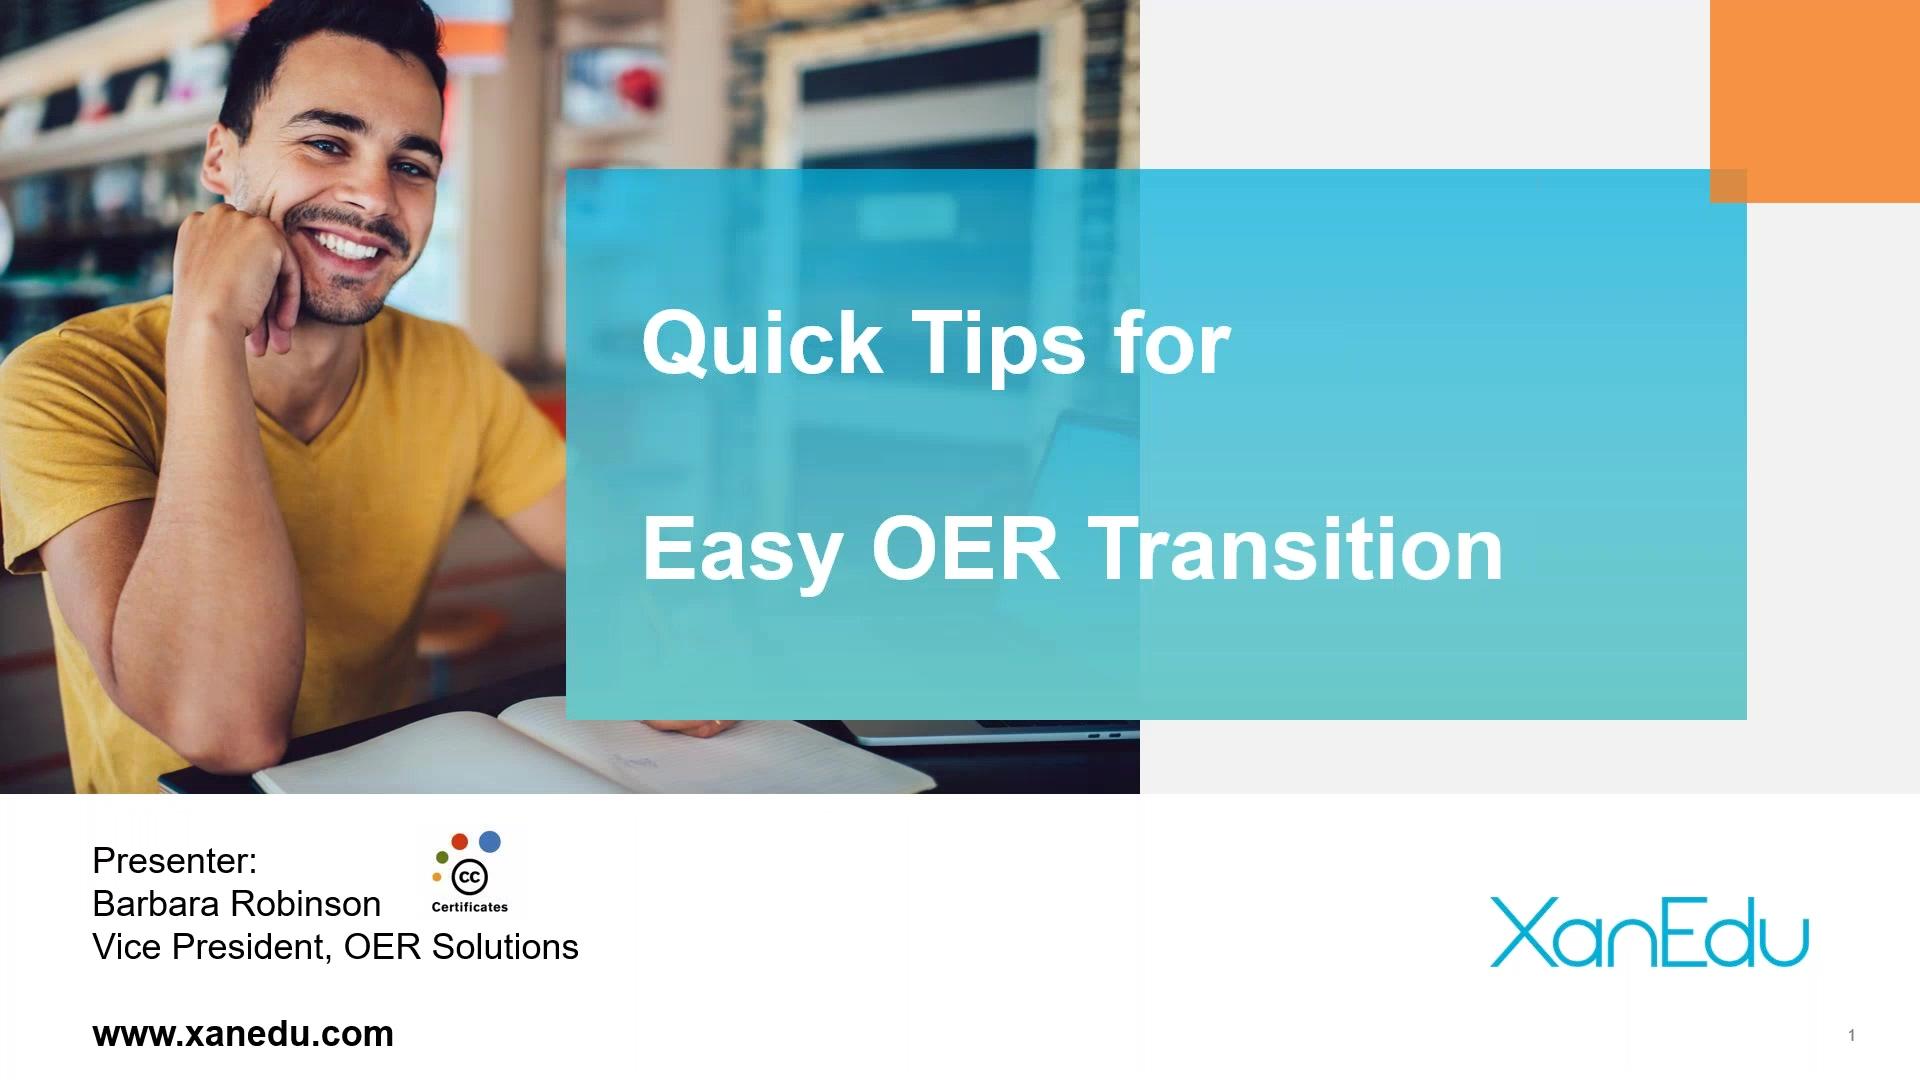 XanEdu Webinar Quick Tips for Easy OER Transition